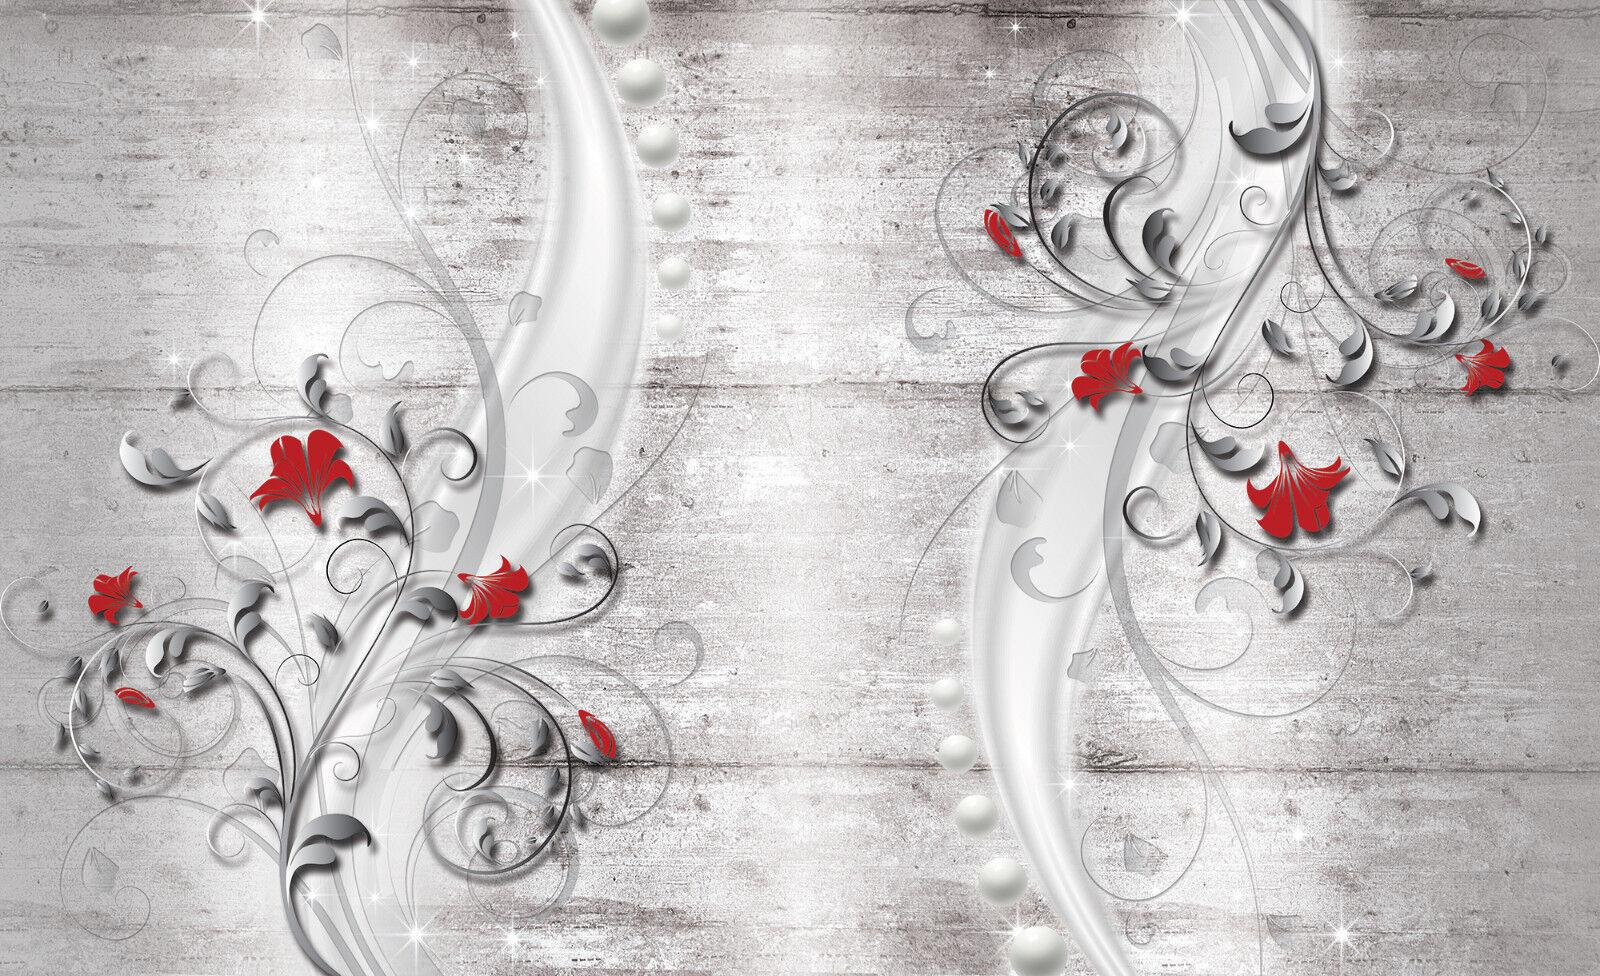 VLIES Fototapete-BlauMEN-DESIGN-(3285)-ZierBlaumen Holz-Wand Blüten Pflanzen xxl